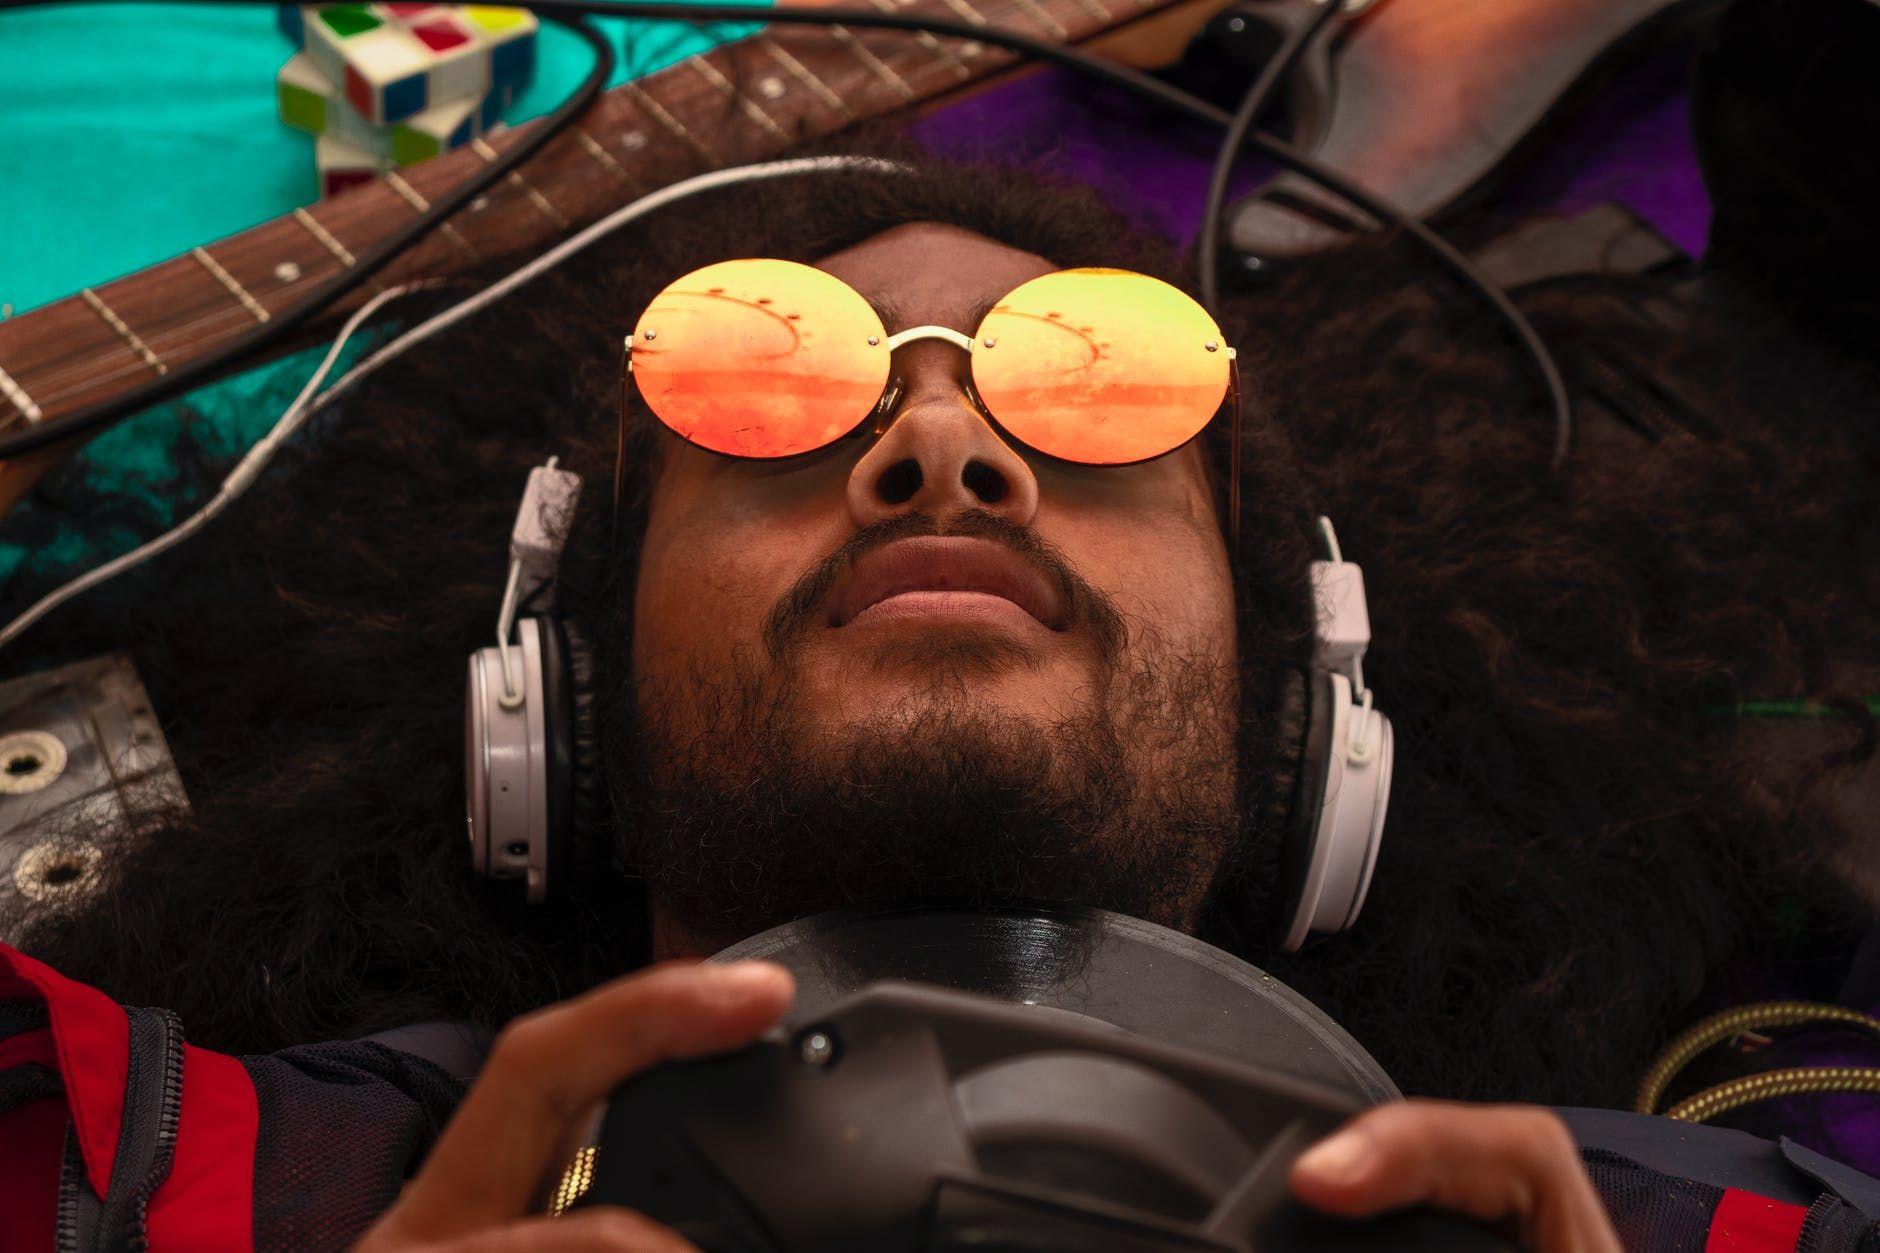 Homem negro jogando videogame e rodeado por instrumentos musicais